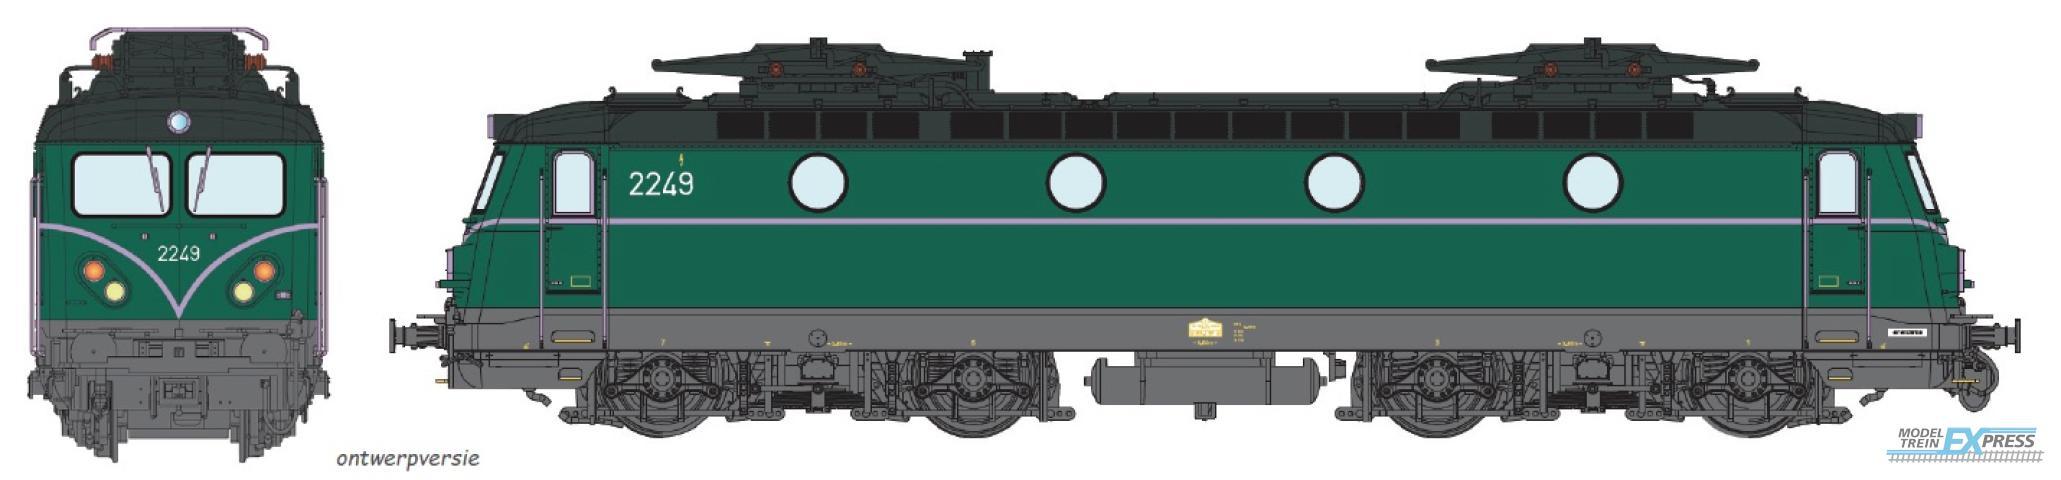 B-Models 3306.05